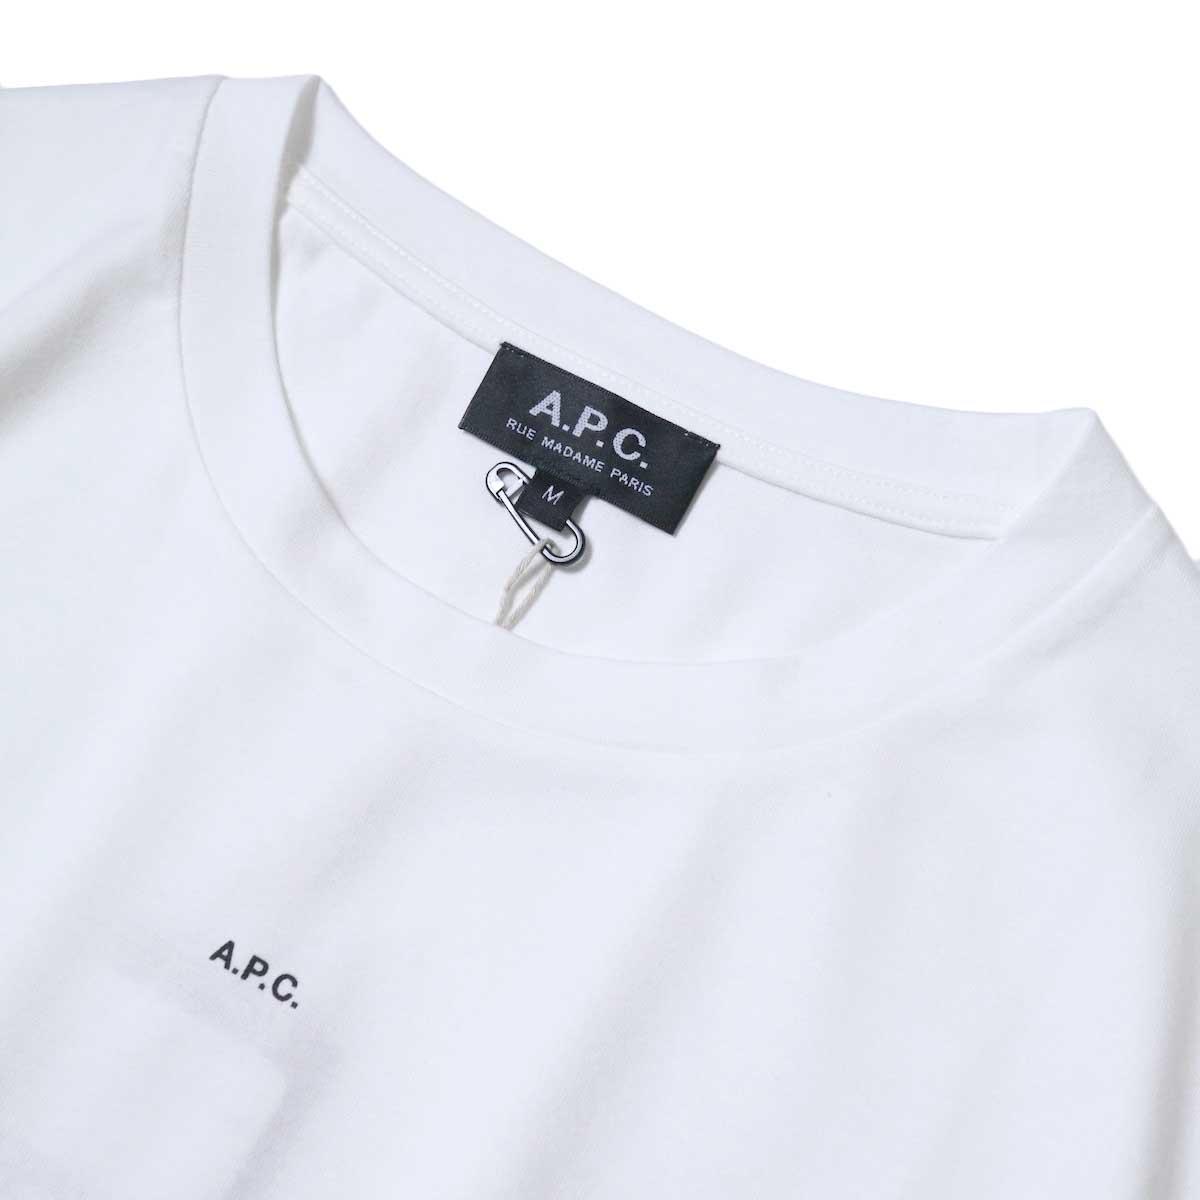 A.P.C. / Jade Tシャツ (White) ネック・センターロゴ